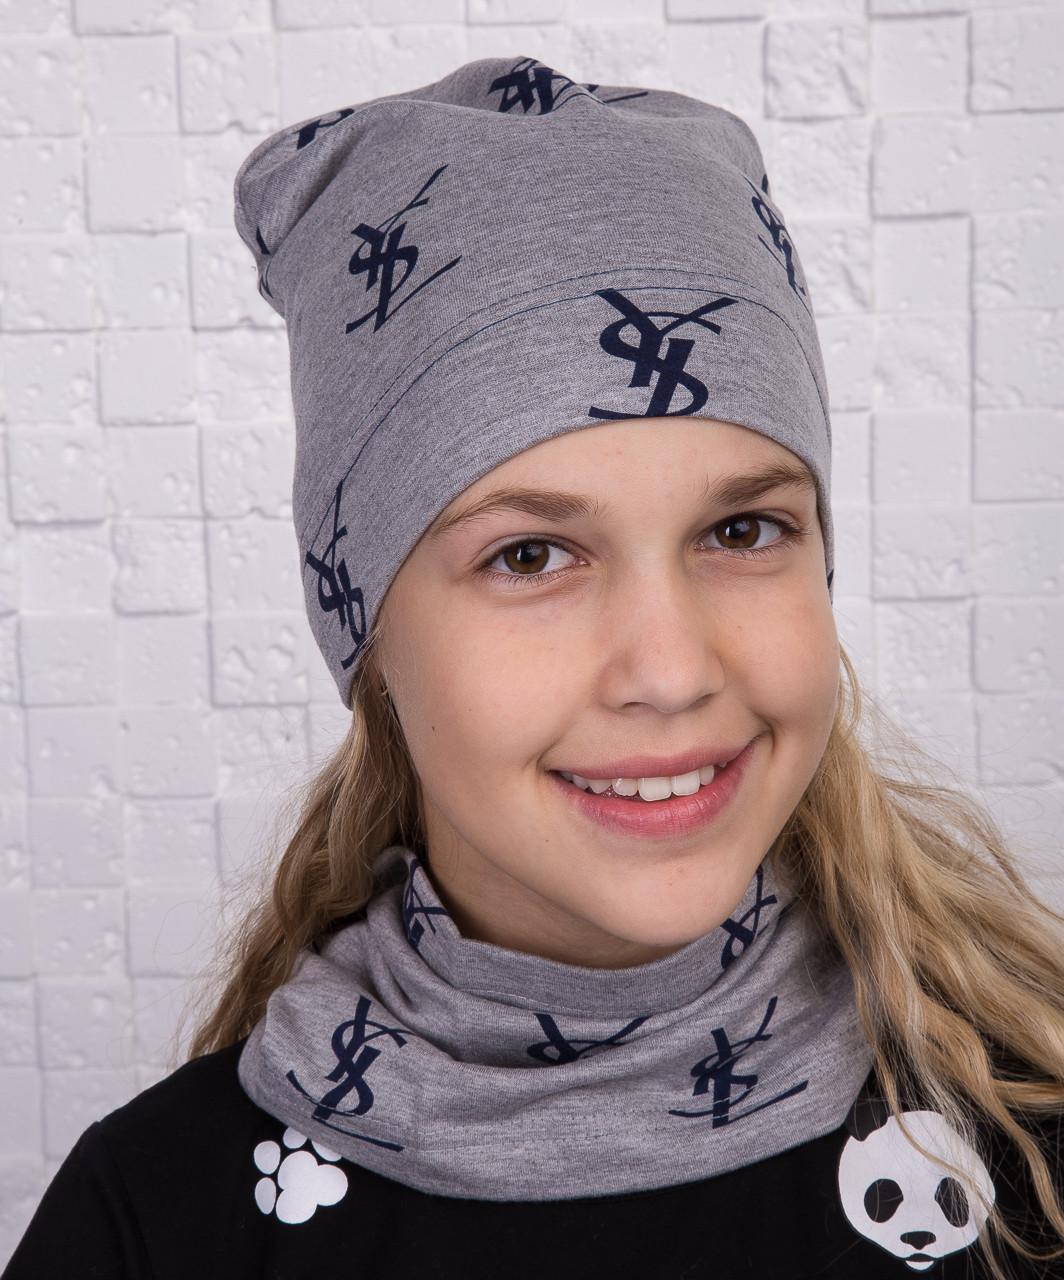 Детский комплект YSL для девочки на осень - Артикул 2117